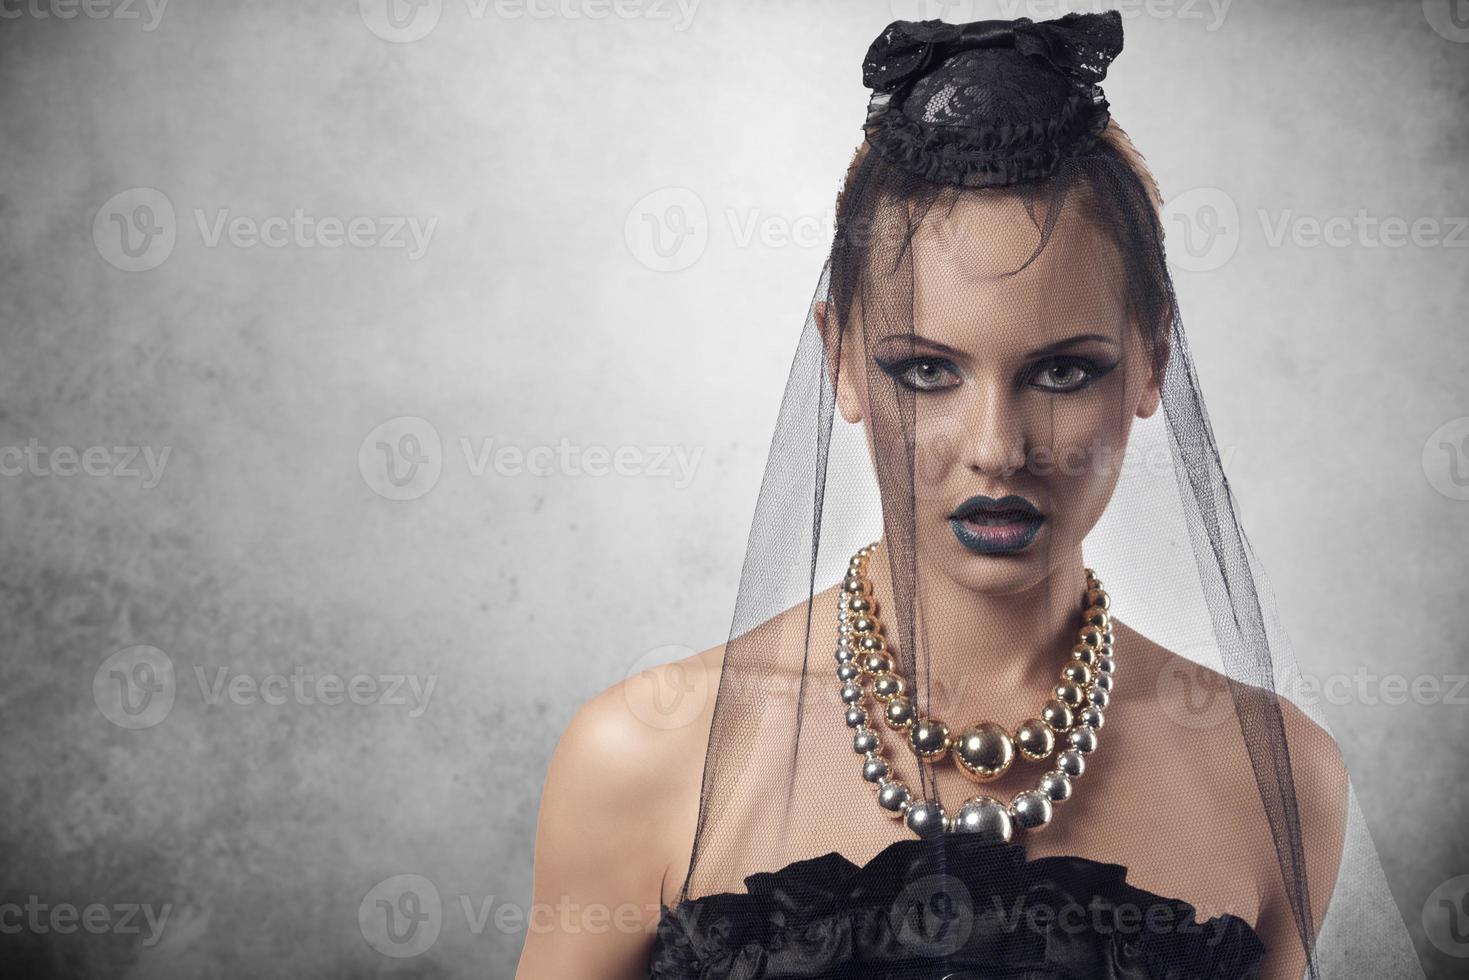 femme gothique avec style halloween photo